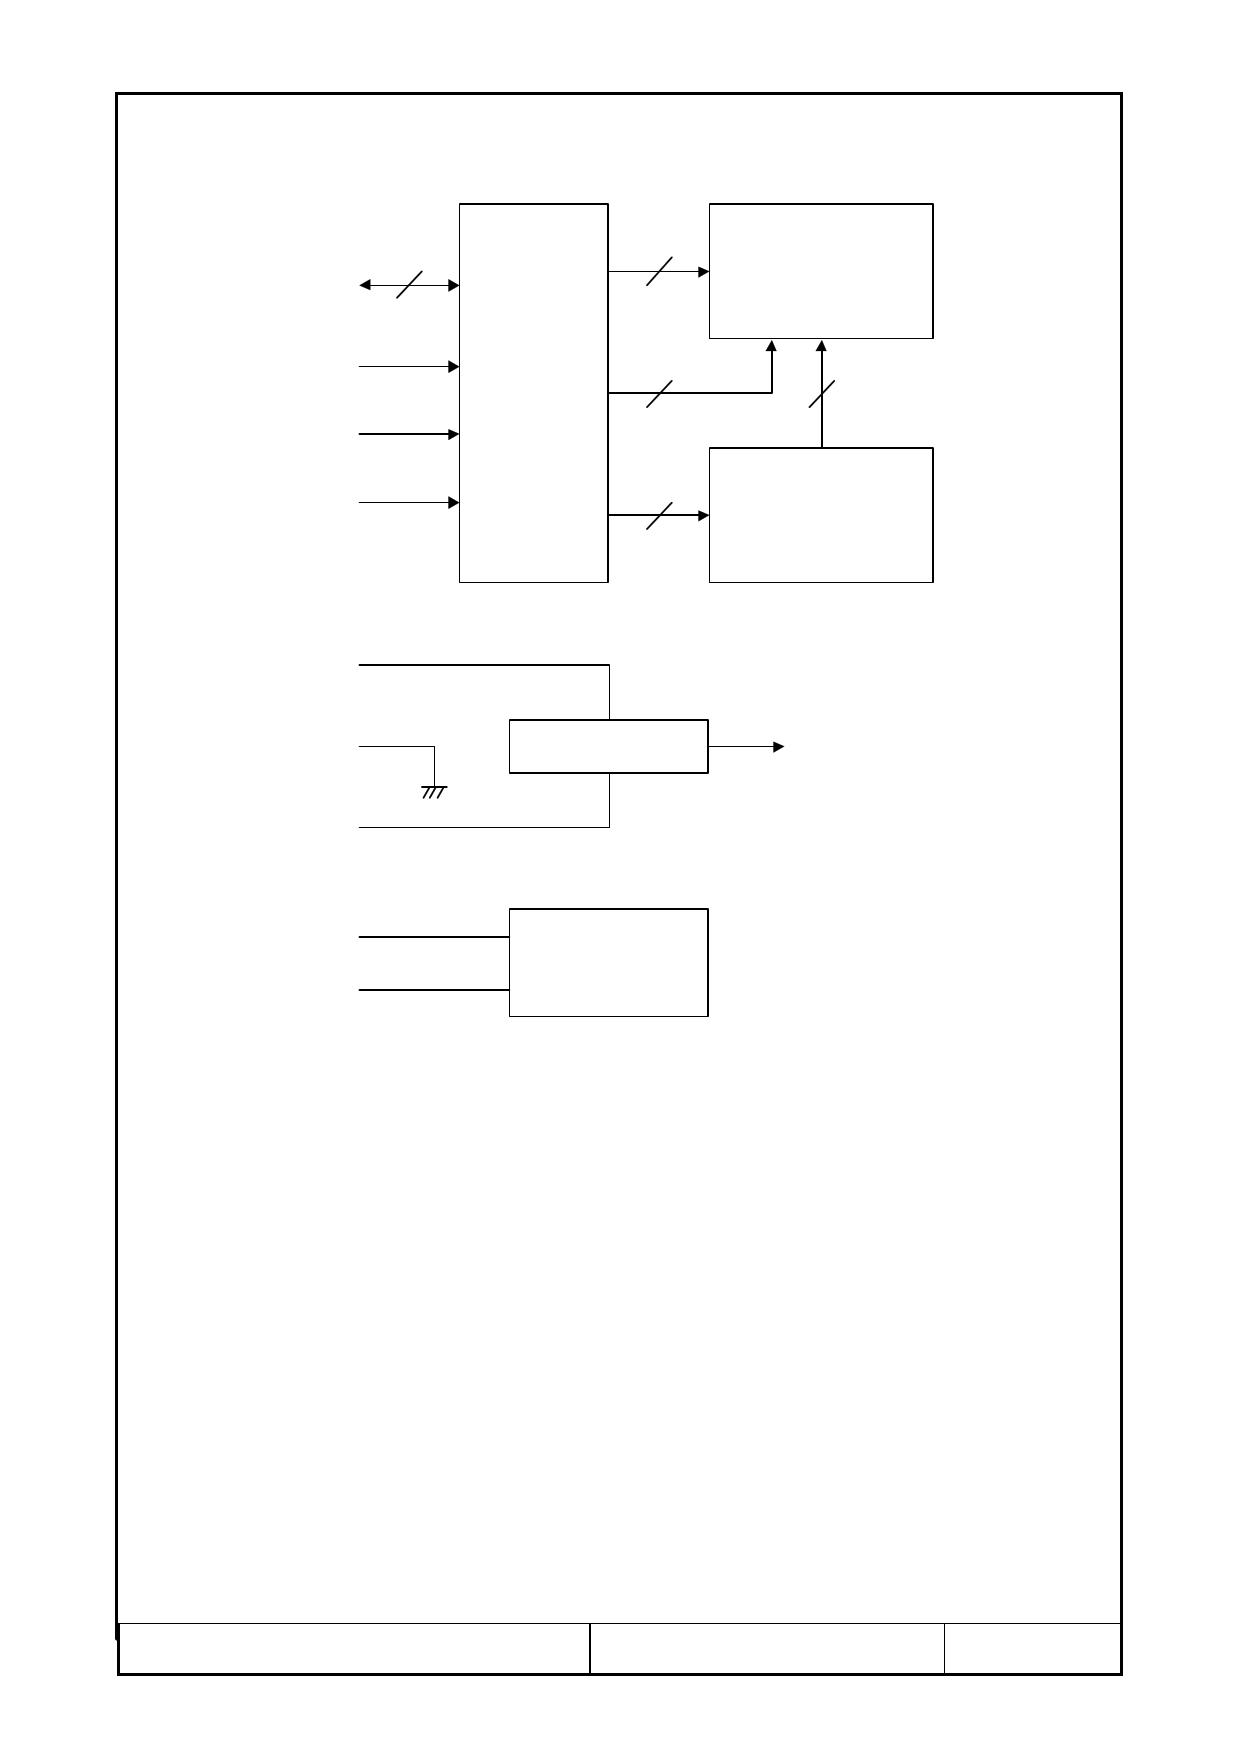 C-51505NFJ-SLW-AC arduino